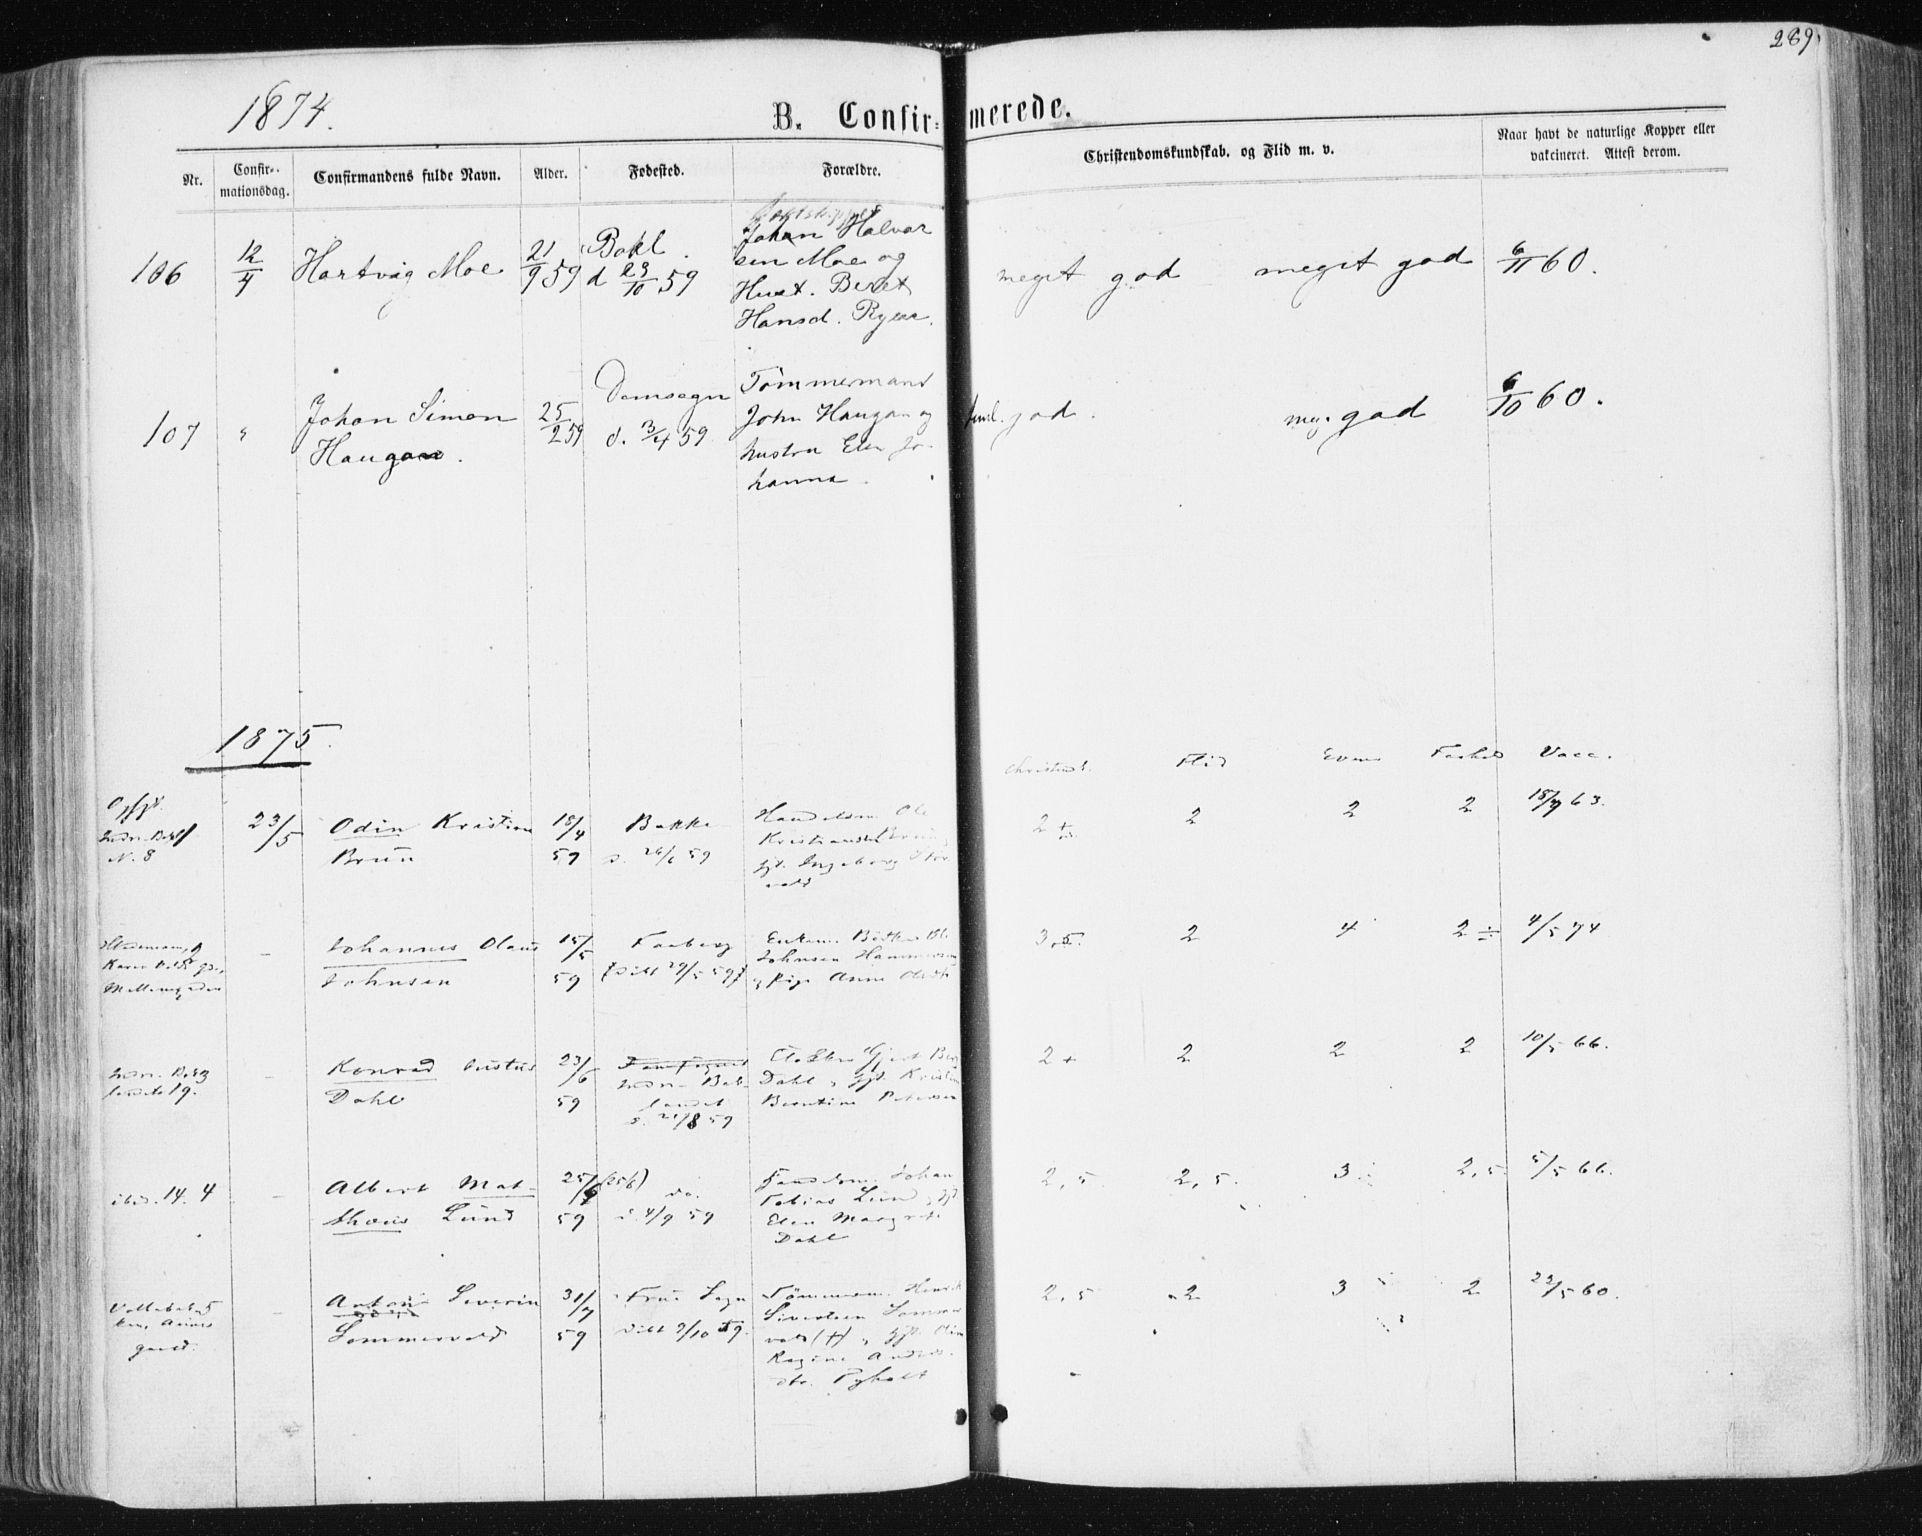 SAT, Ministerialprotokoller, klokkerbøker og fødselsregistre - Sør-Trøndelag, 604/L0186: Ministerialbok nr. 604A07, 1866-1877, s. 289